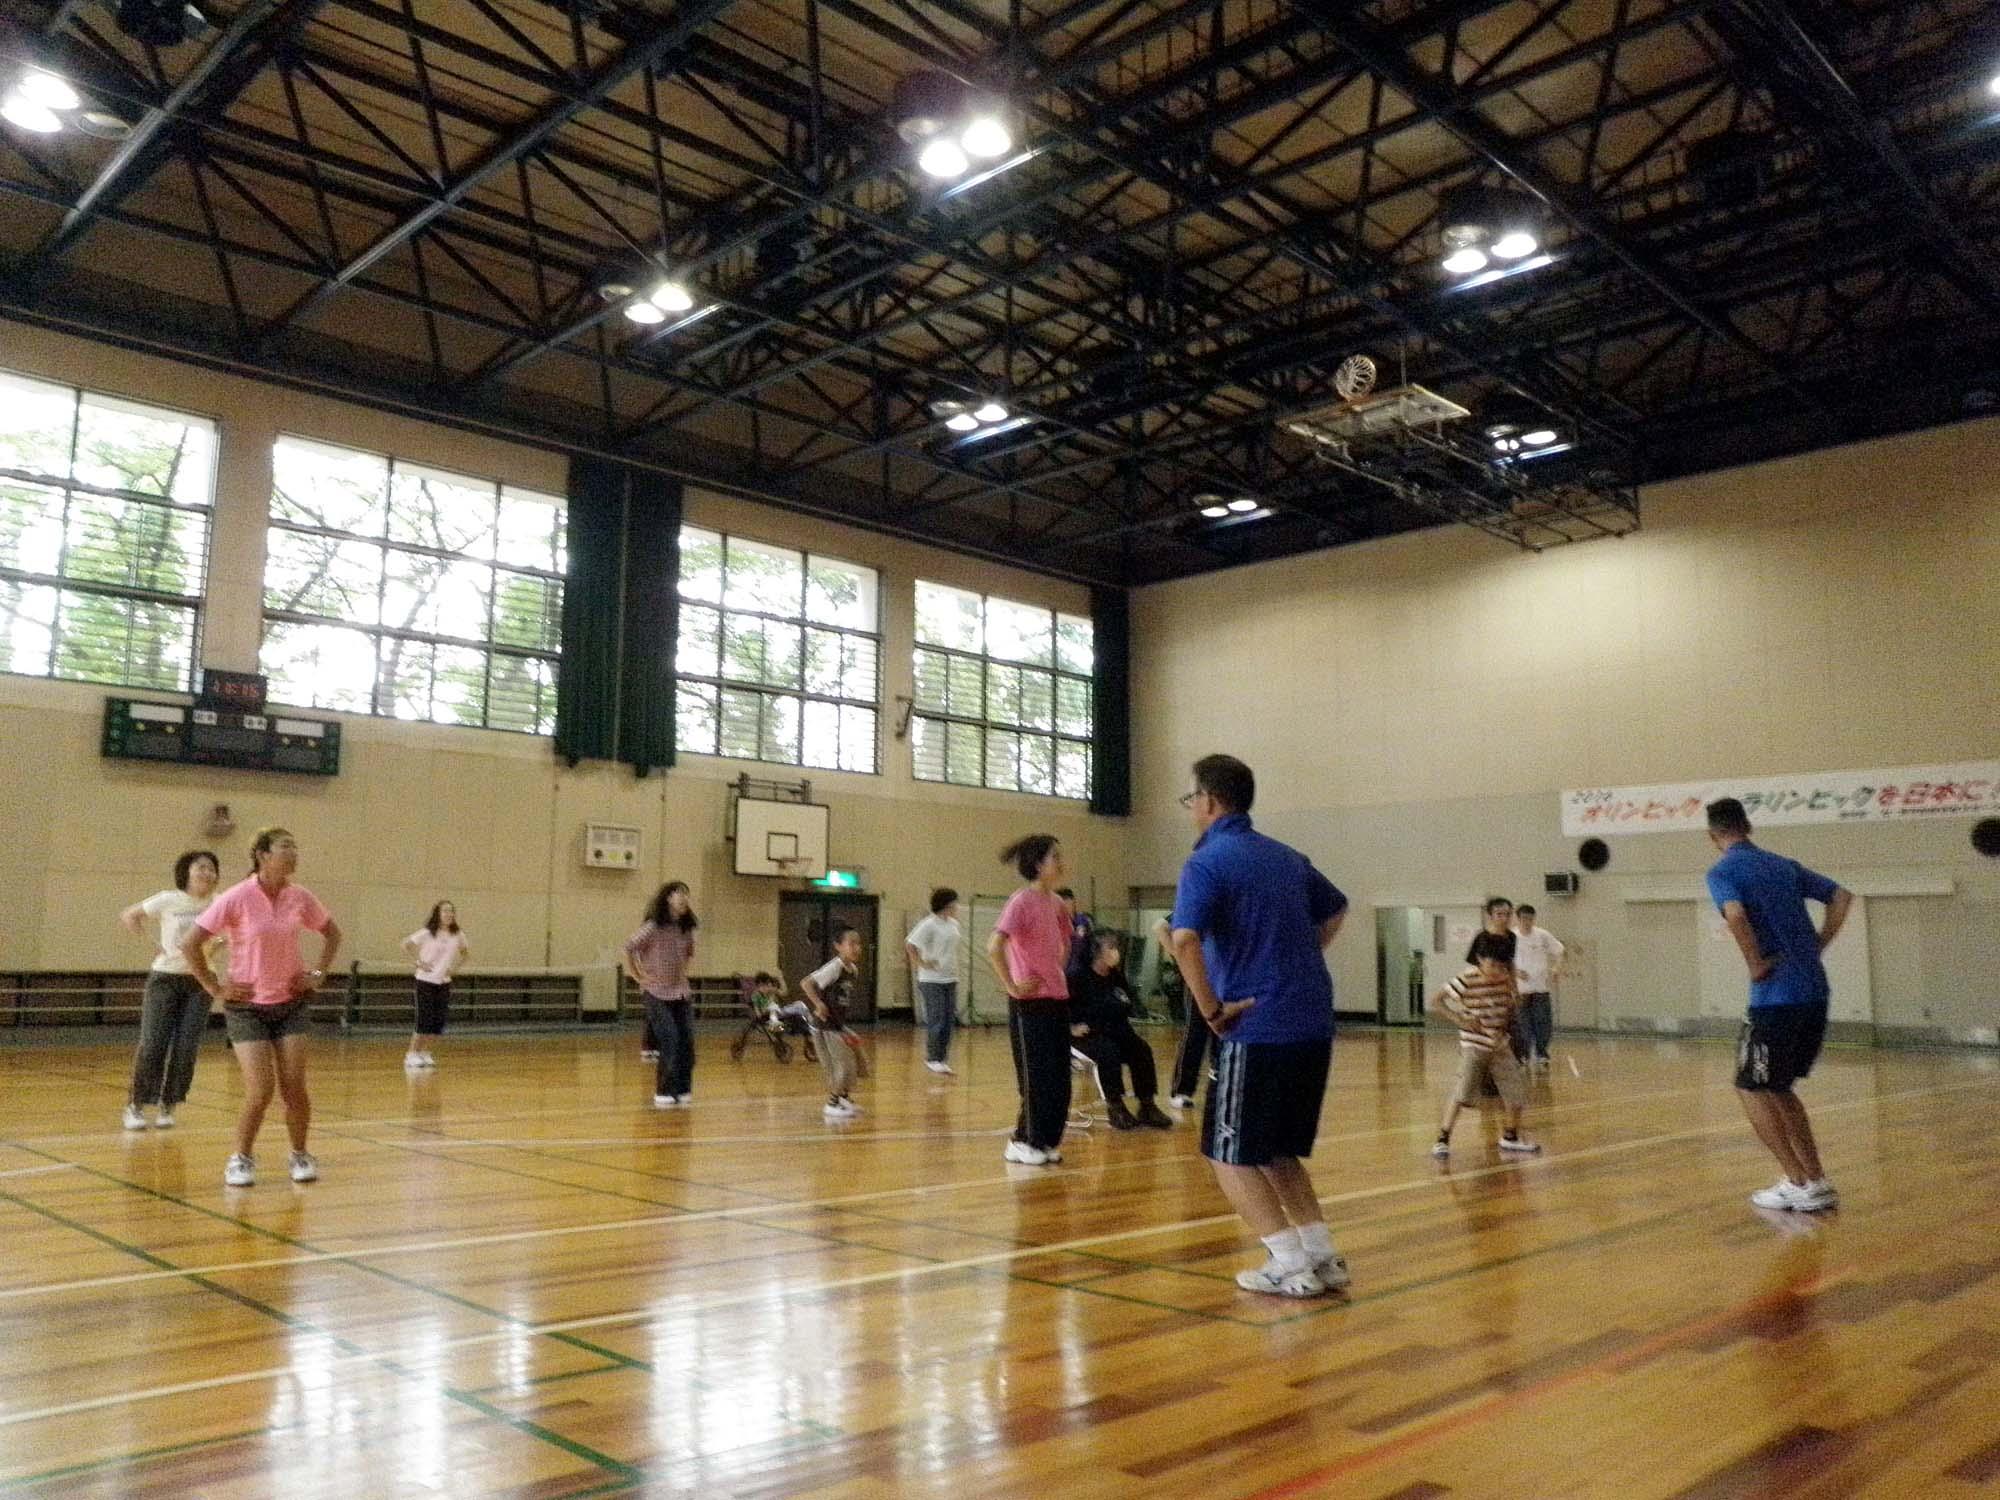 P6130124 - リズム体操教室より ・・・リズムに合わせて楽しく体を動かしています